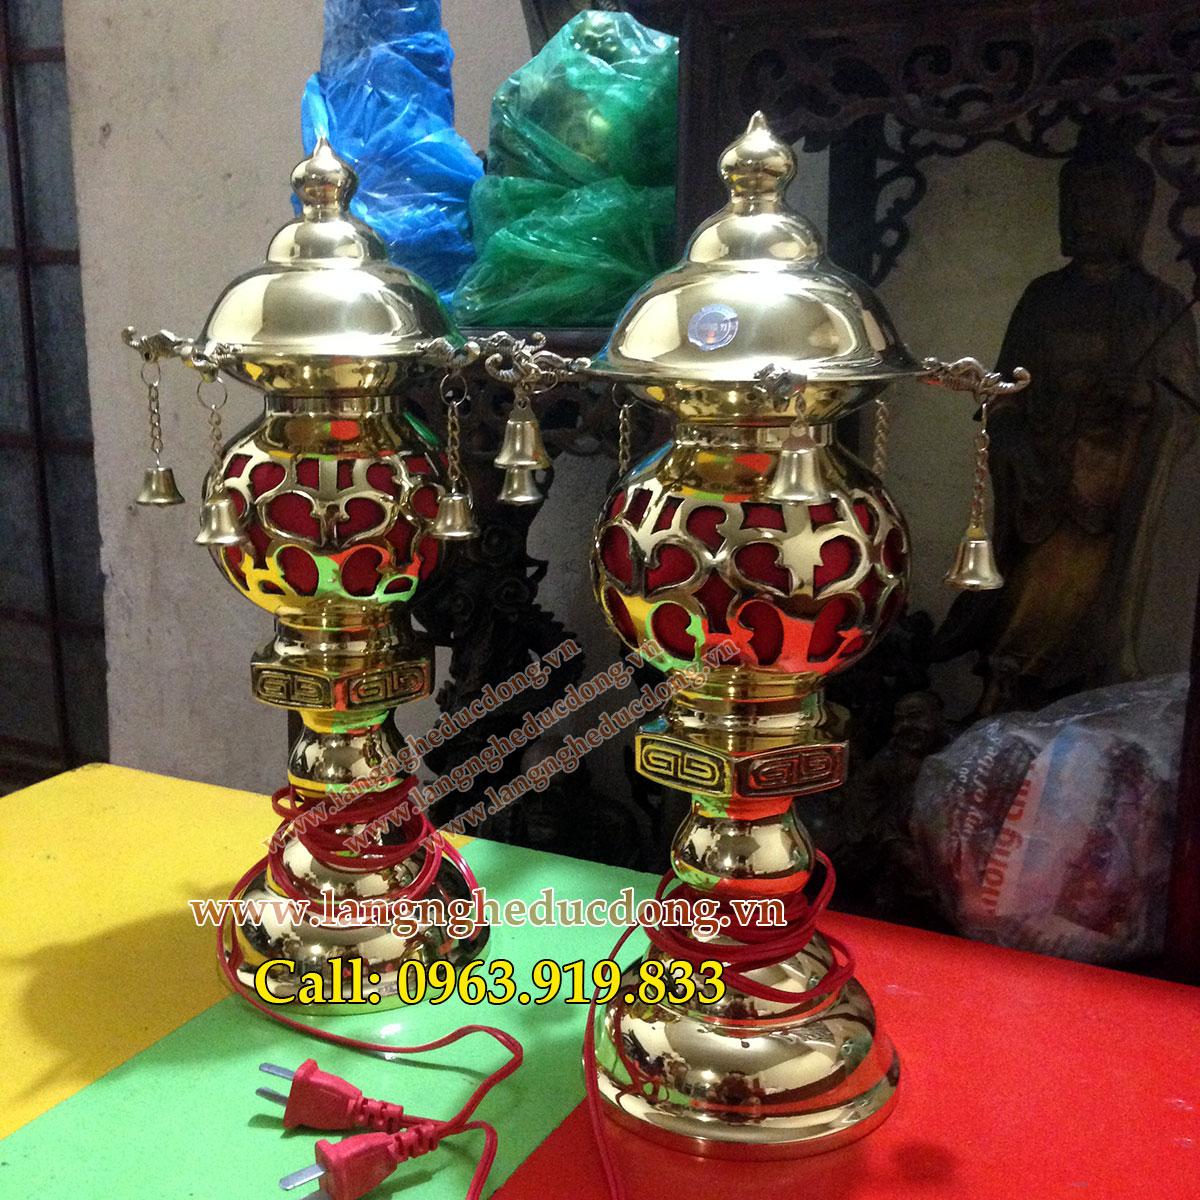 langngheducdong.vn - đèn thờ cao 38cm, đèn thờ cúng